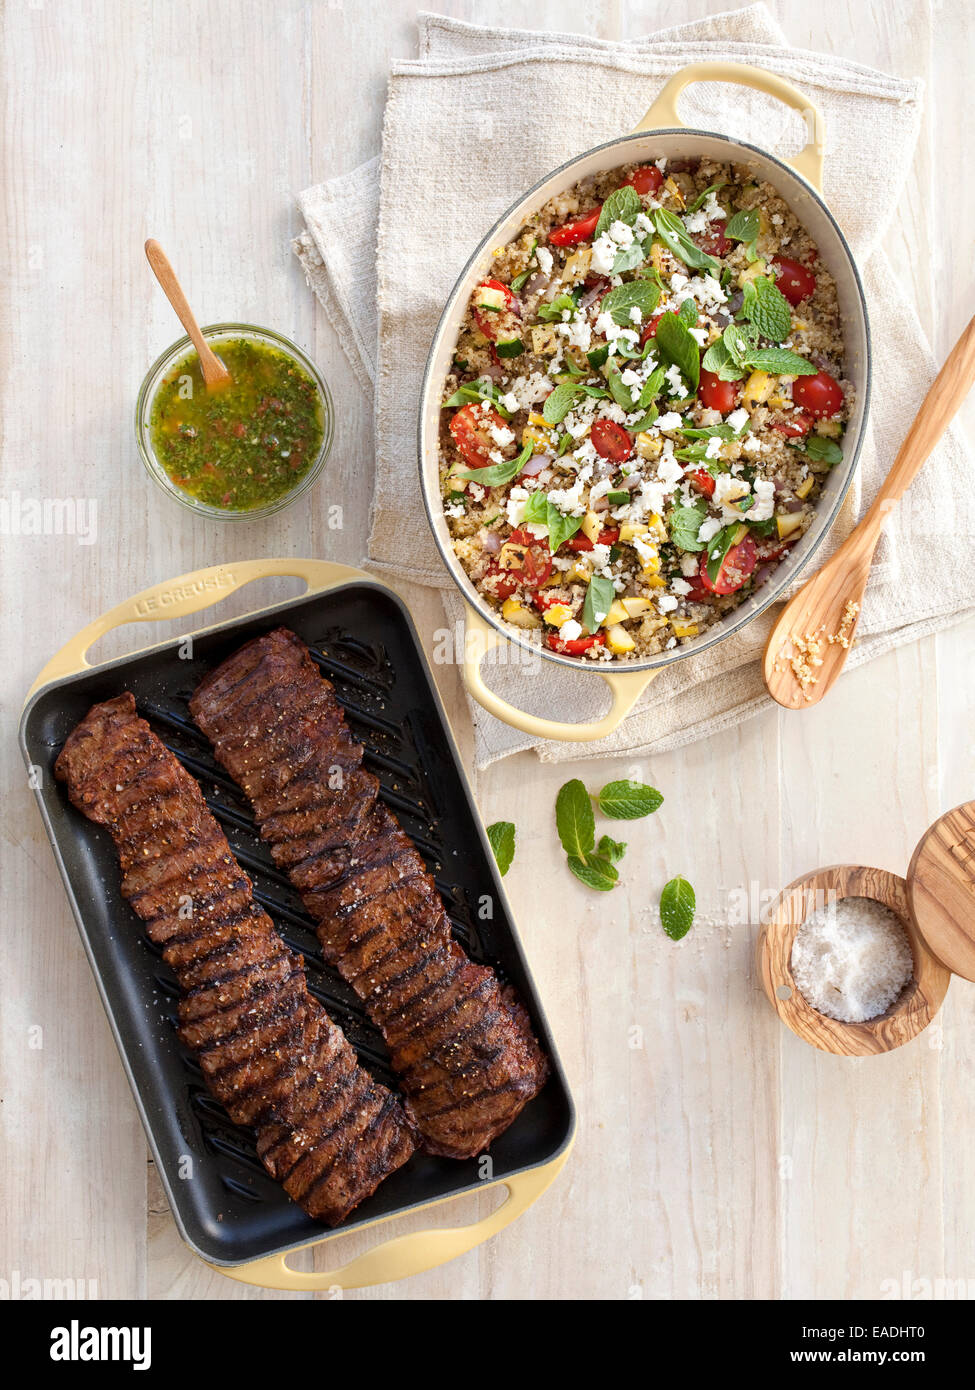 Jupe grillé steak et de couscous sur table Photo Stock